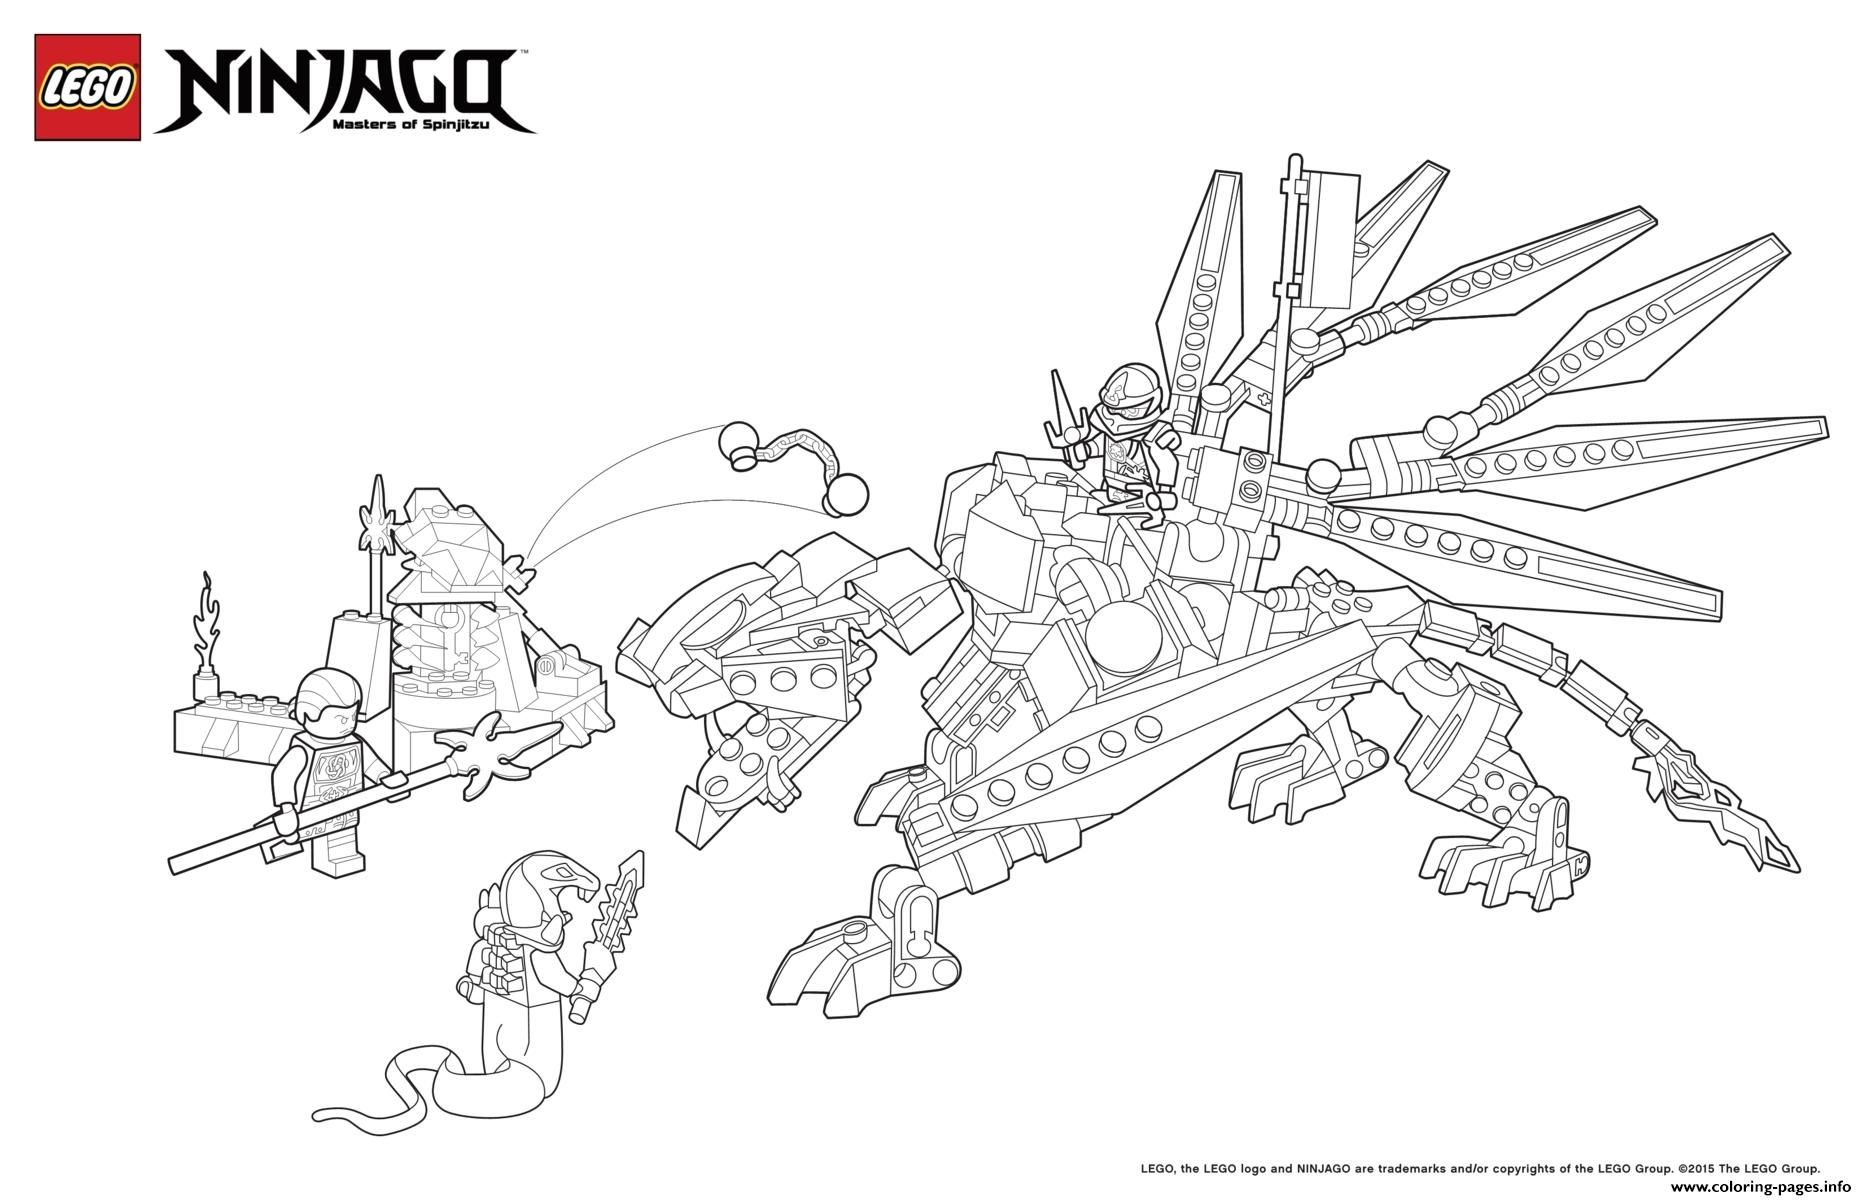 Print Dragon Ninja Attack Enemy Lego Coloring Pages Weihnachtsmalvorlagen Vogel Malvorlagen Ausmalbilder